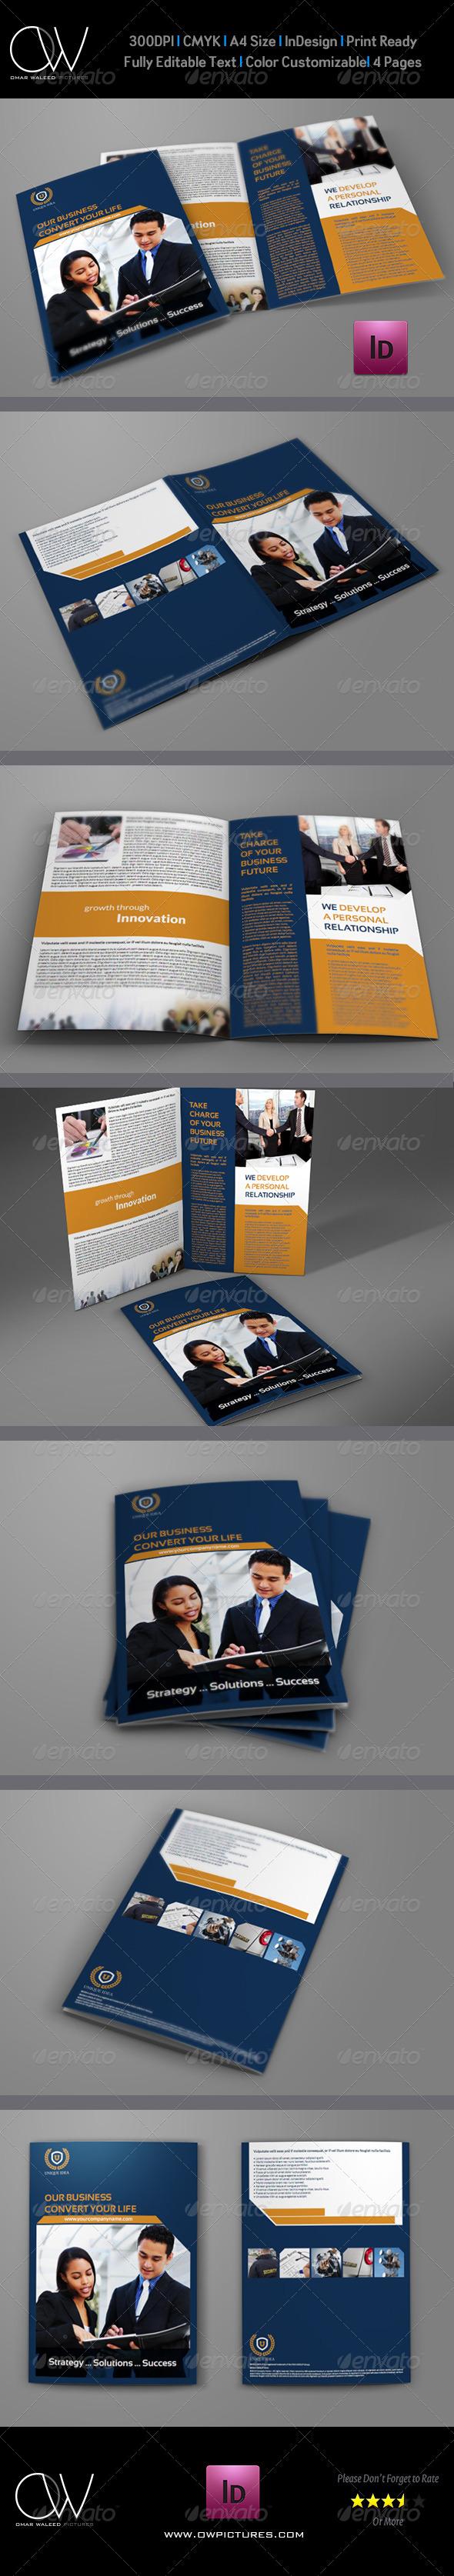 GraphicRiver Company Brochure Bi-Fold Template Vol.8 6219733